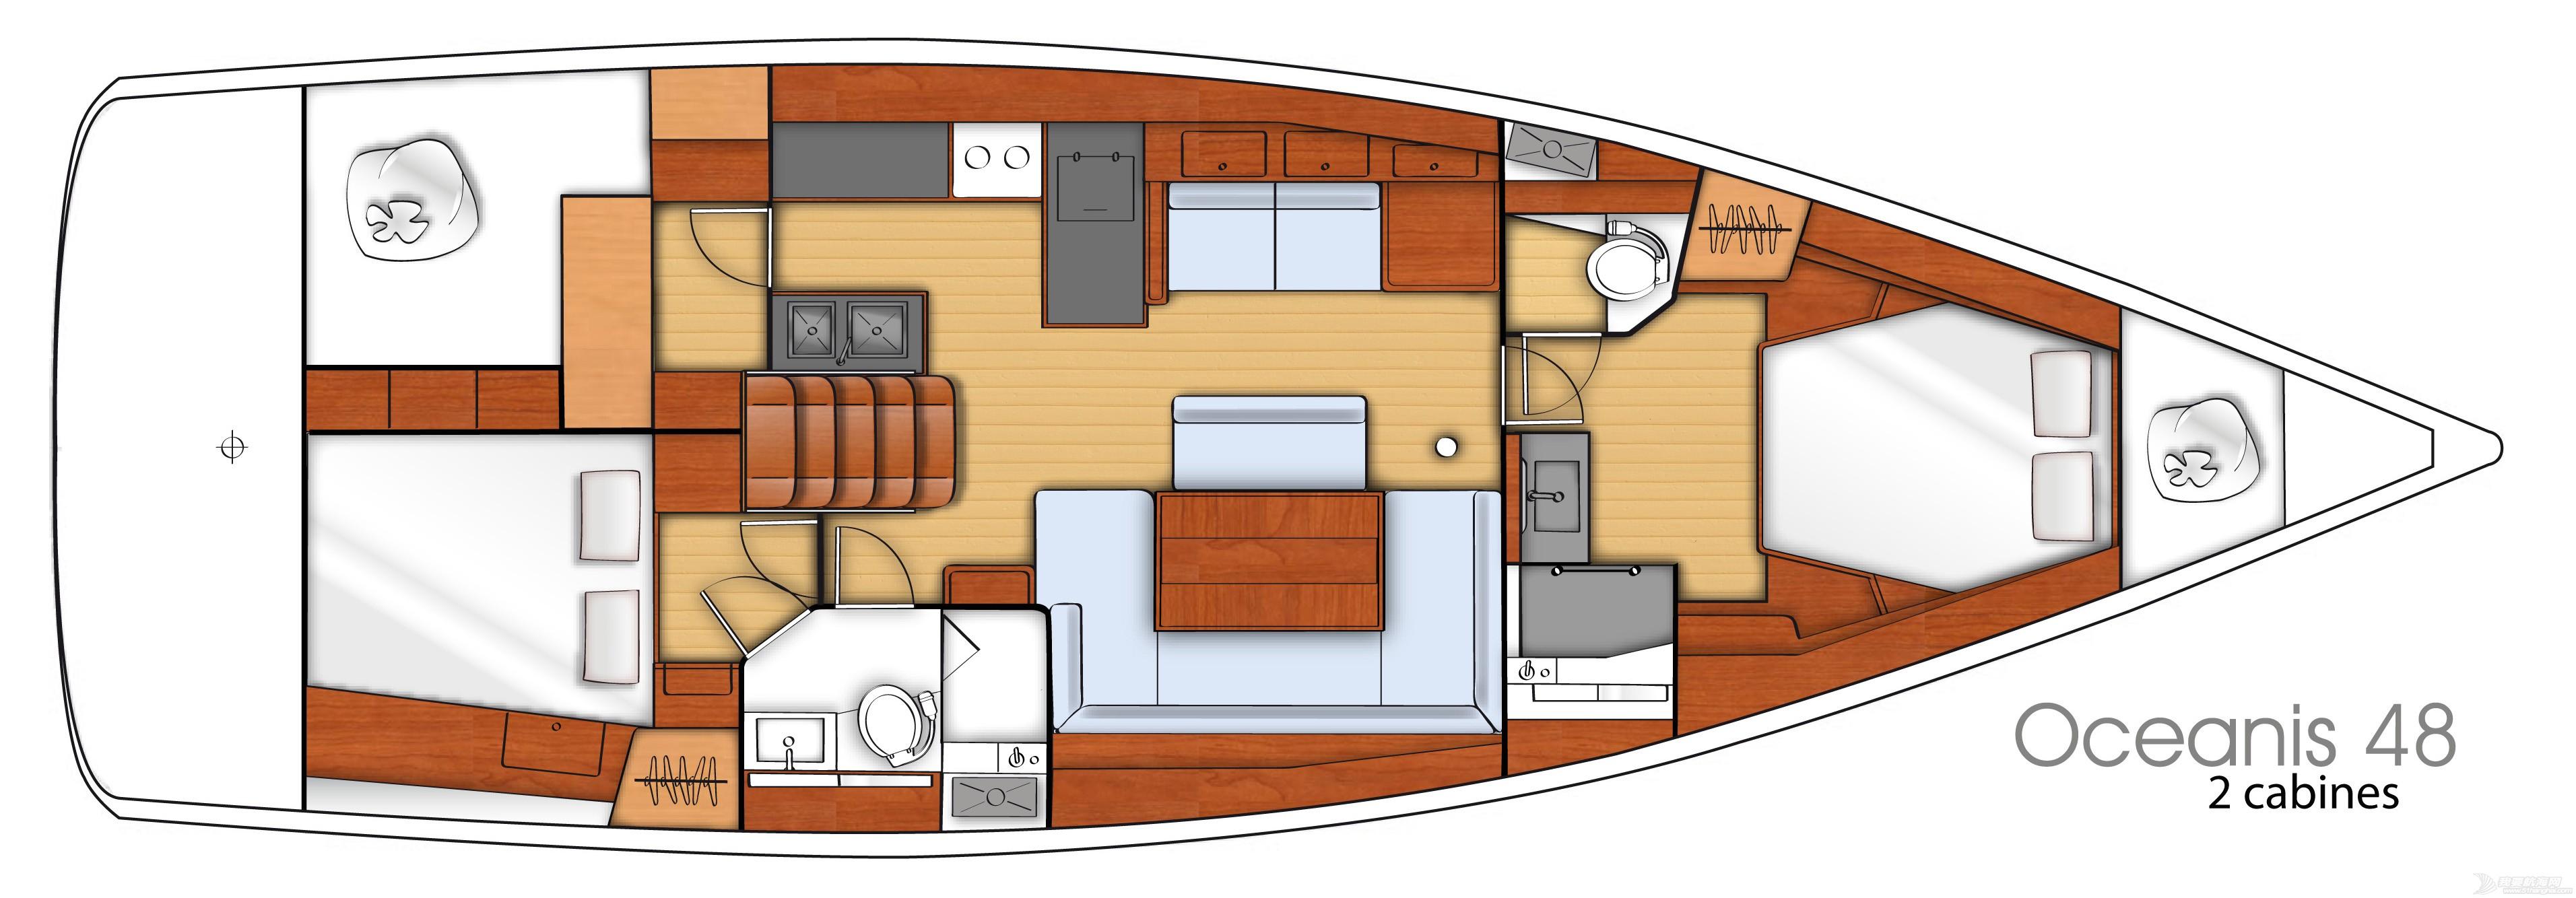 发动机,帆船,空间,型号 Beneteau Oceanis 48博纳多遨享仕48英尺单体帆船 plan-interieur-1.jpg